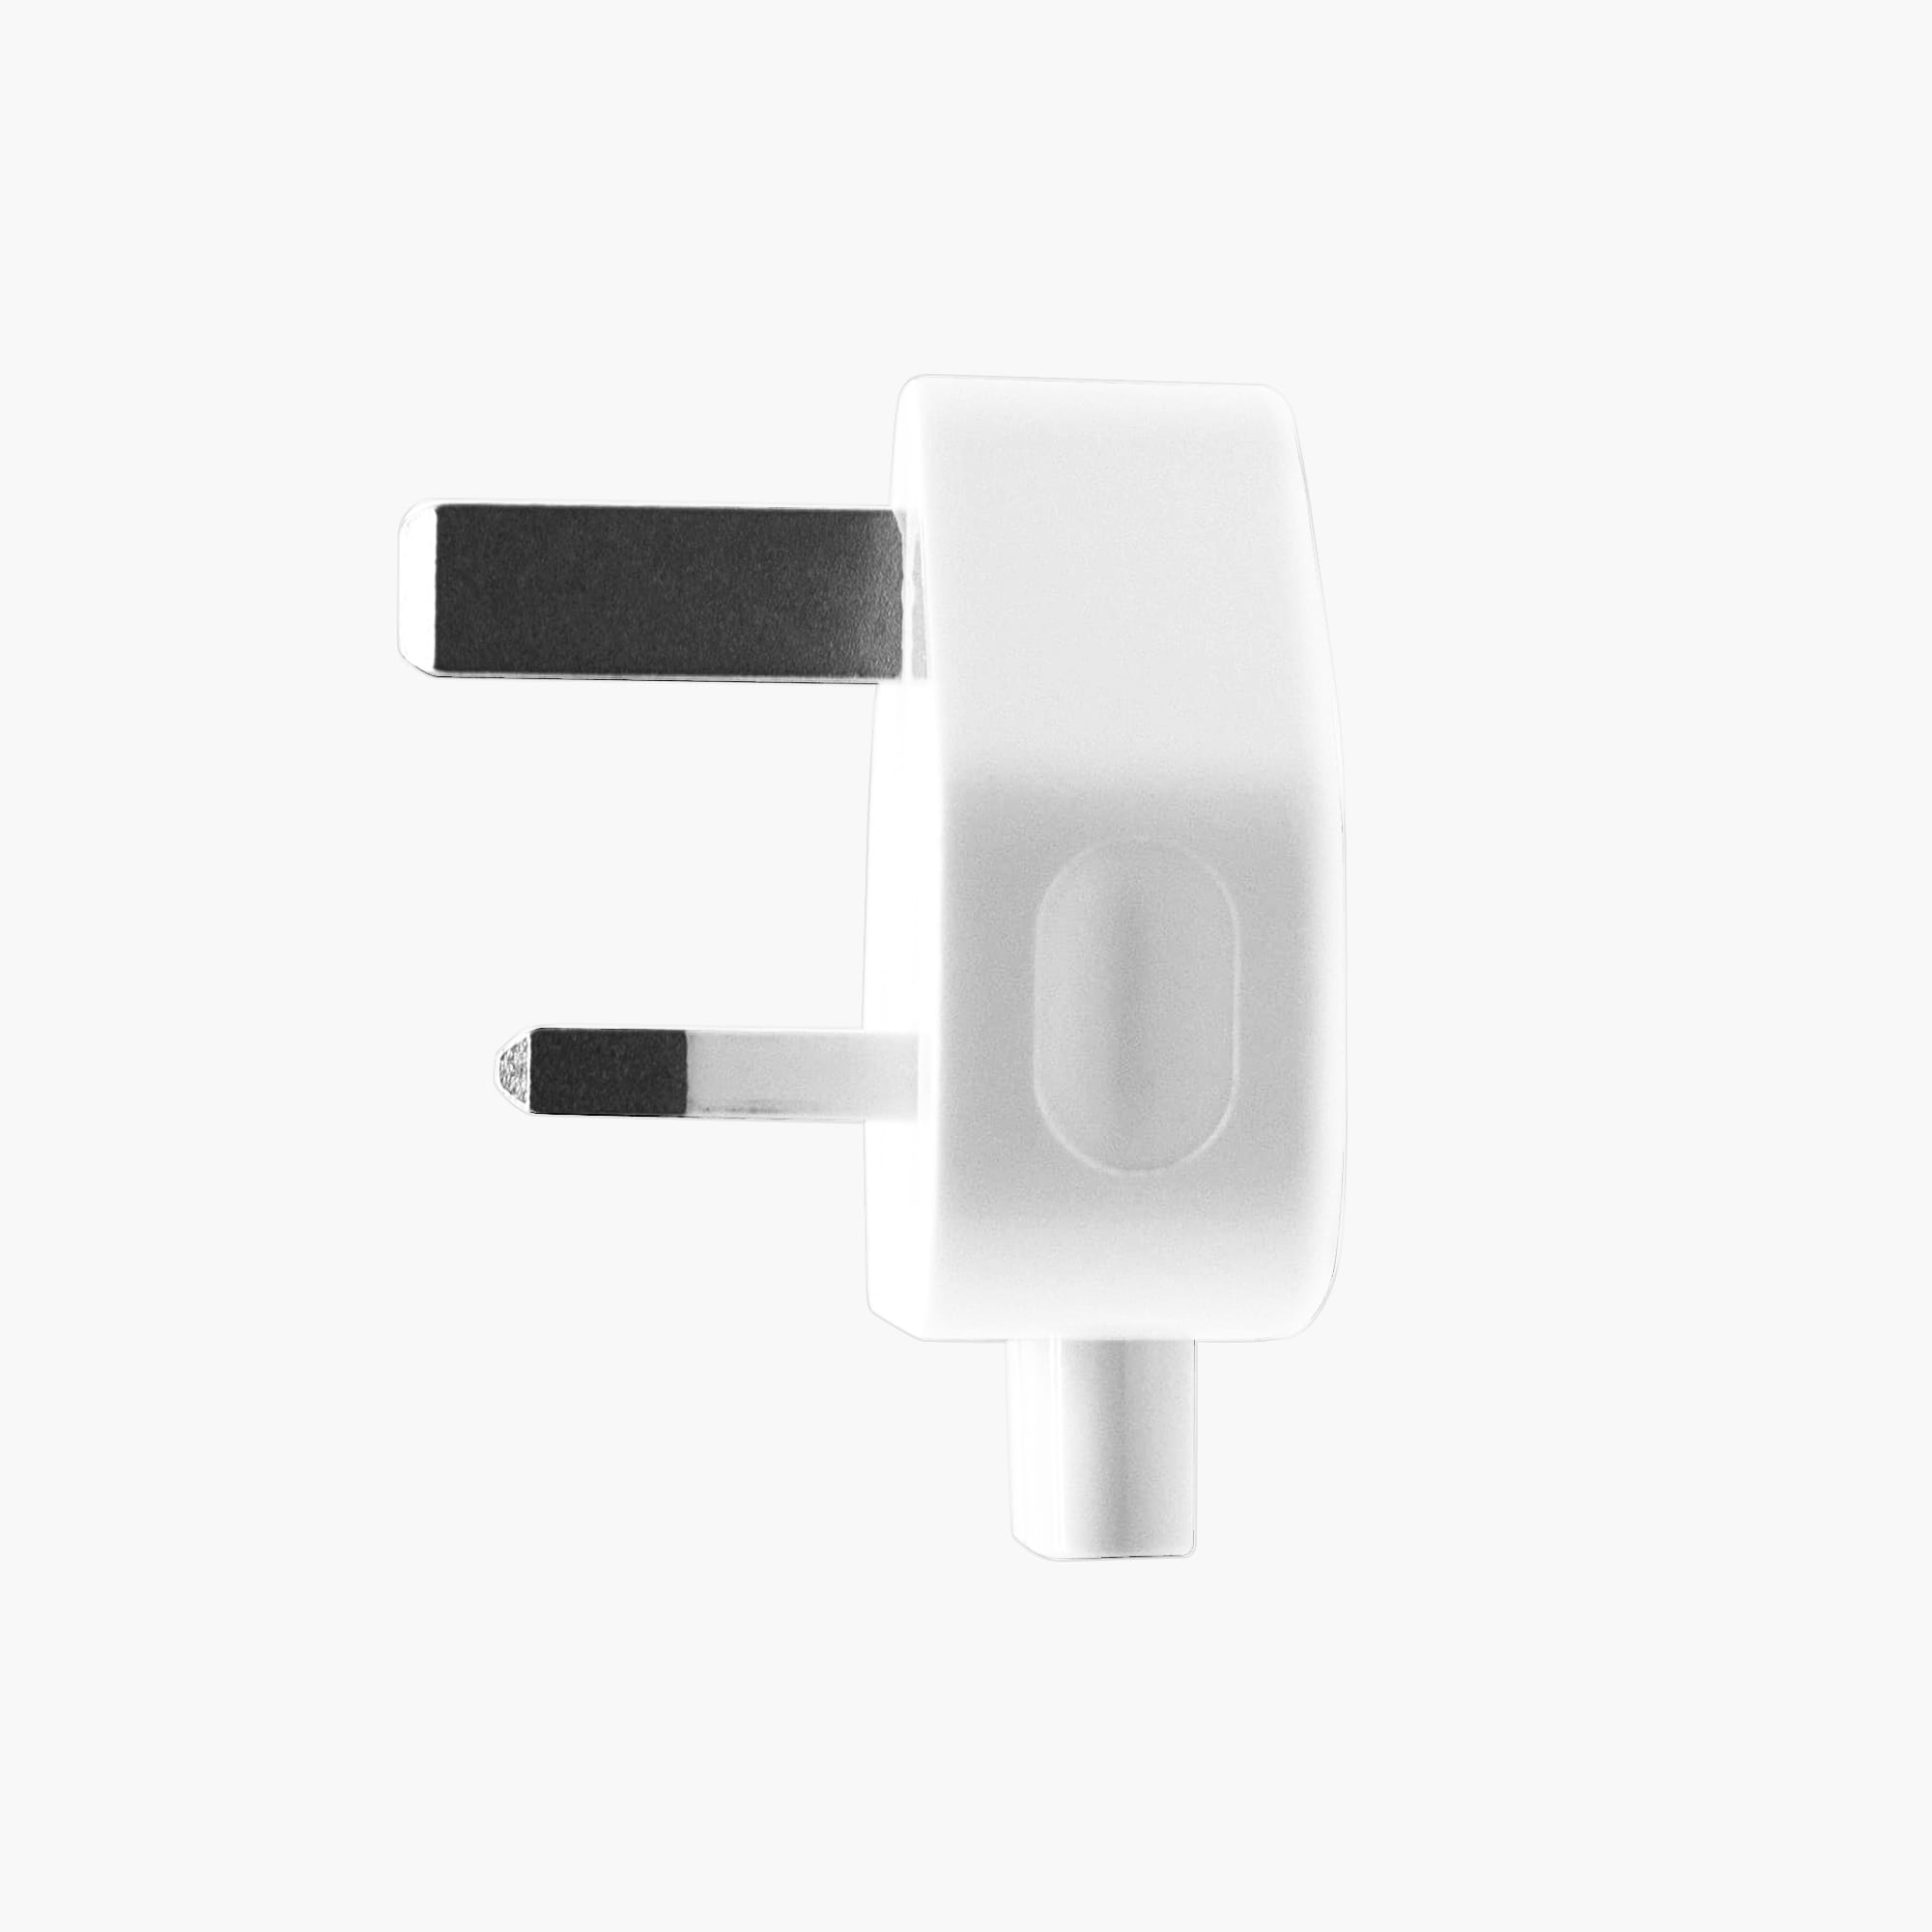 1 x UK Plug